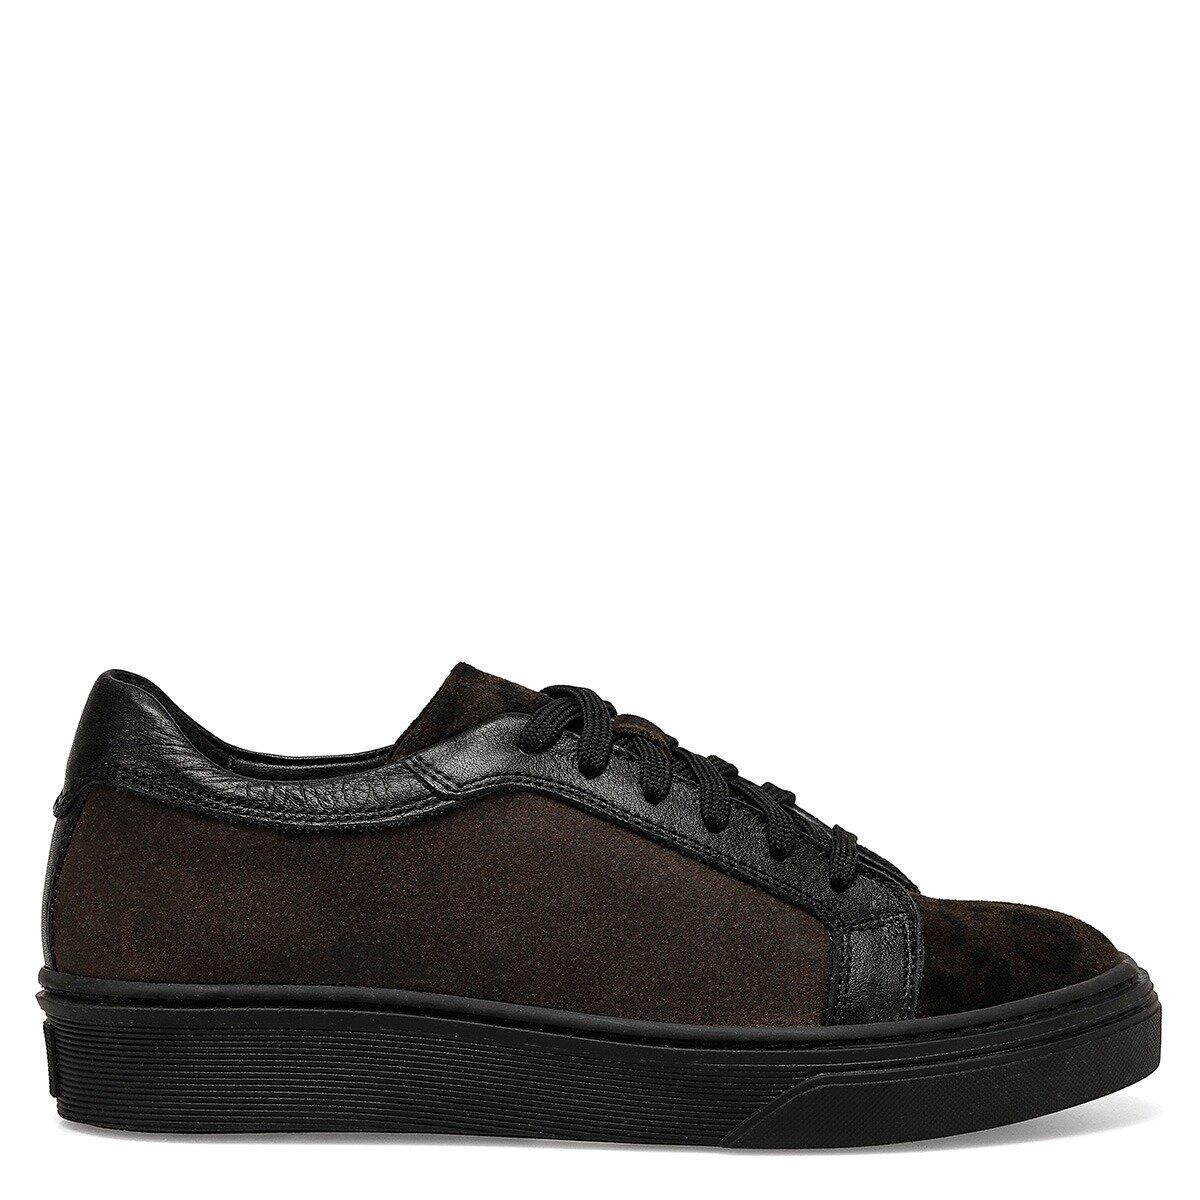 SELANO Haki Kadın Sneaker Ayakkabı